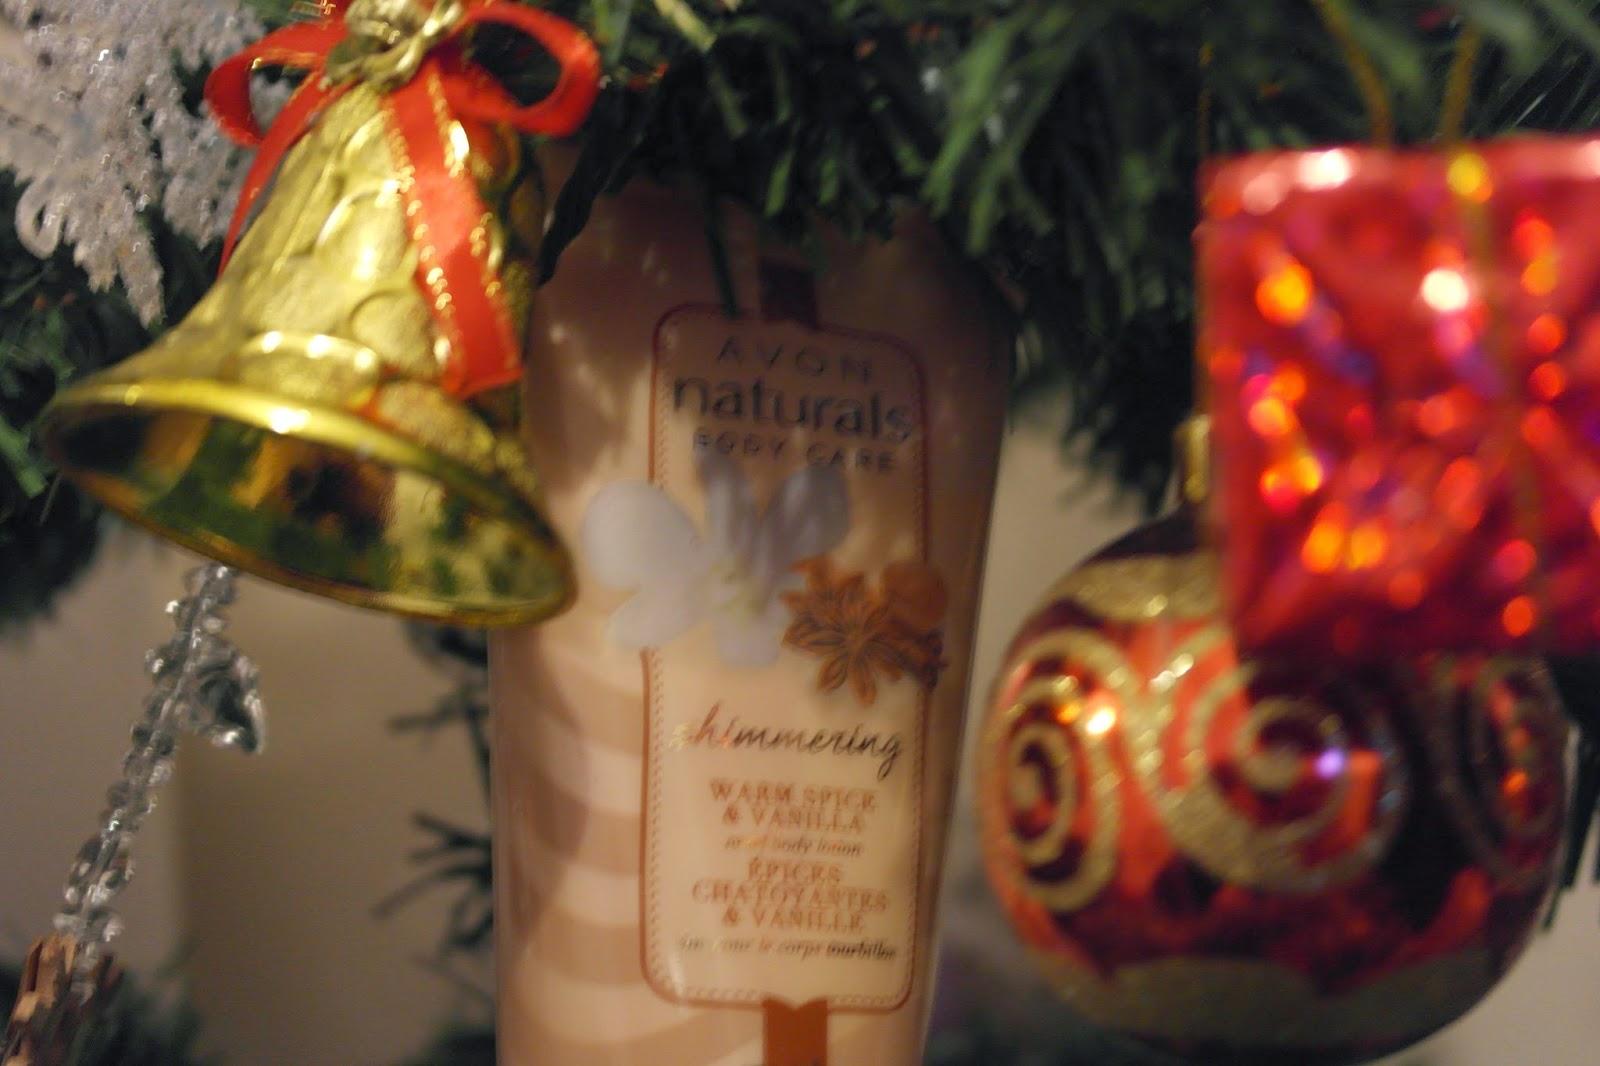 Naturals Body Care Warm Spice&Vanilla